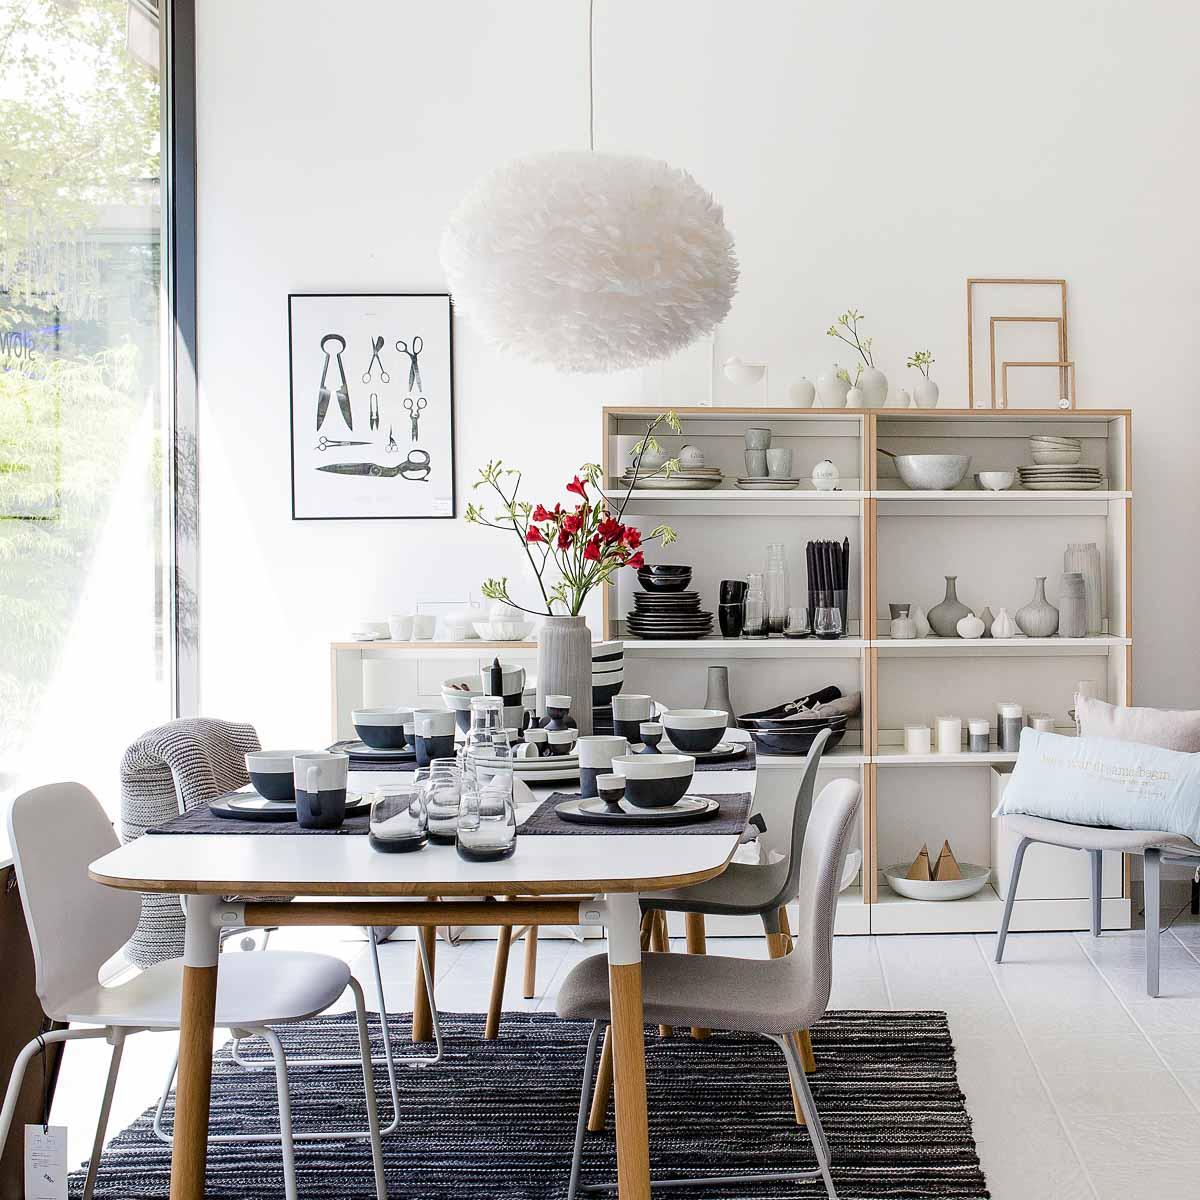 Concept Store Room to a Dream München-2